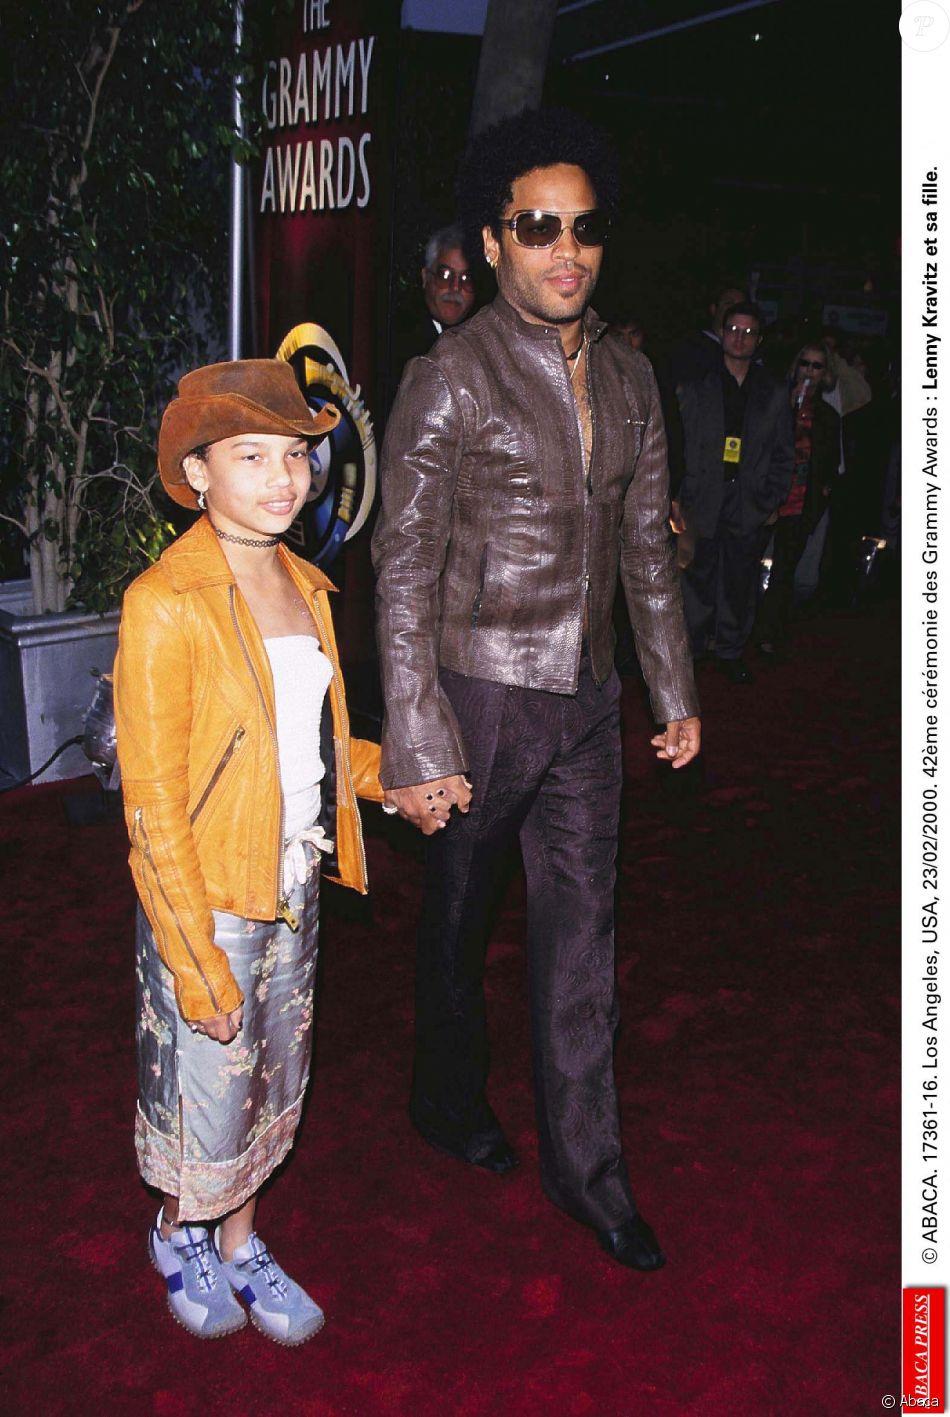 Lenny Kravitz 2000